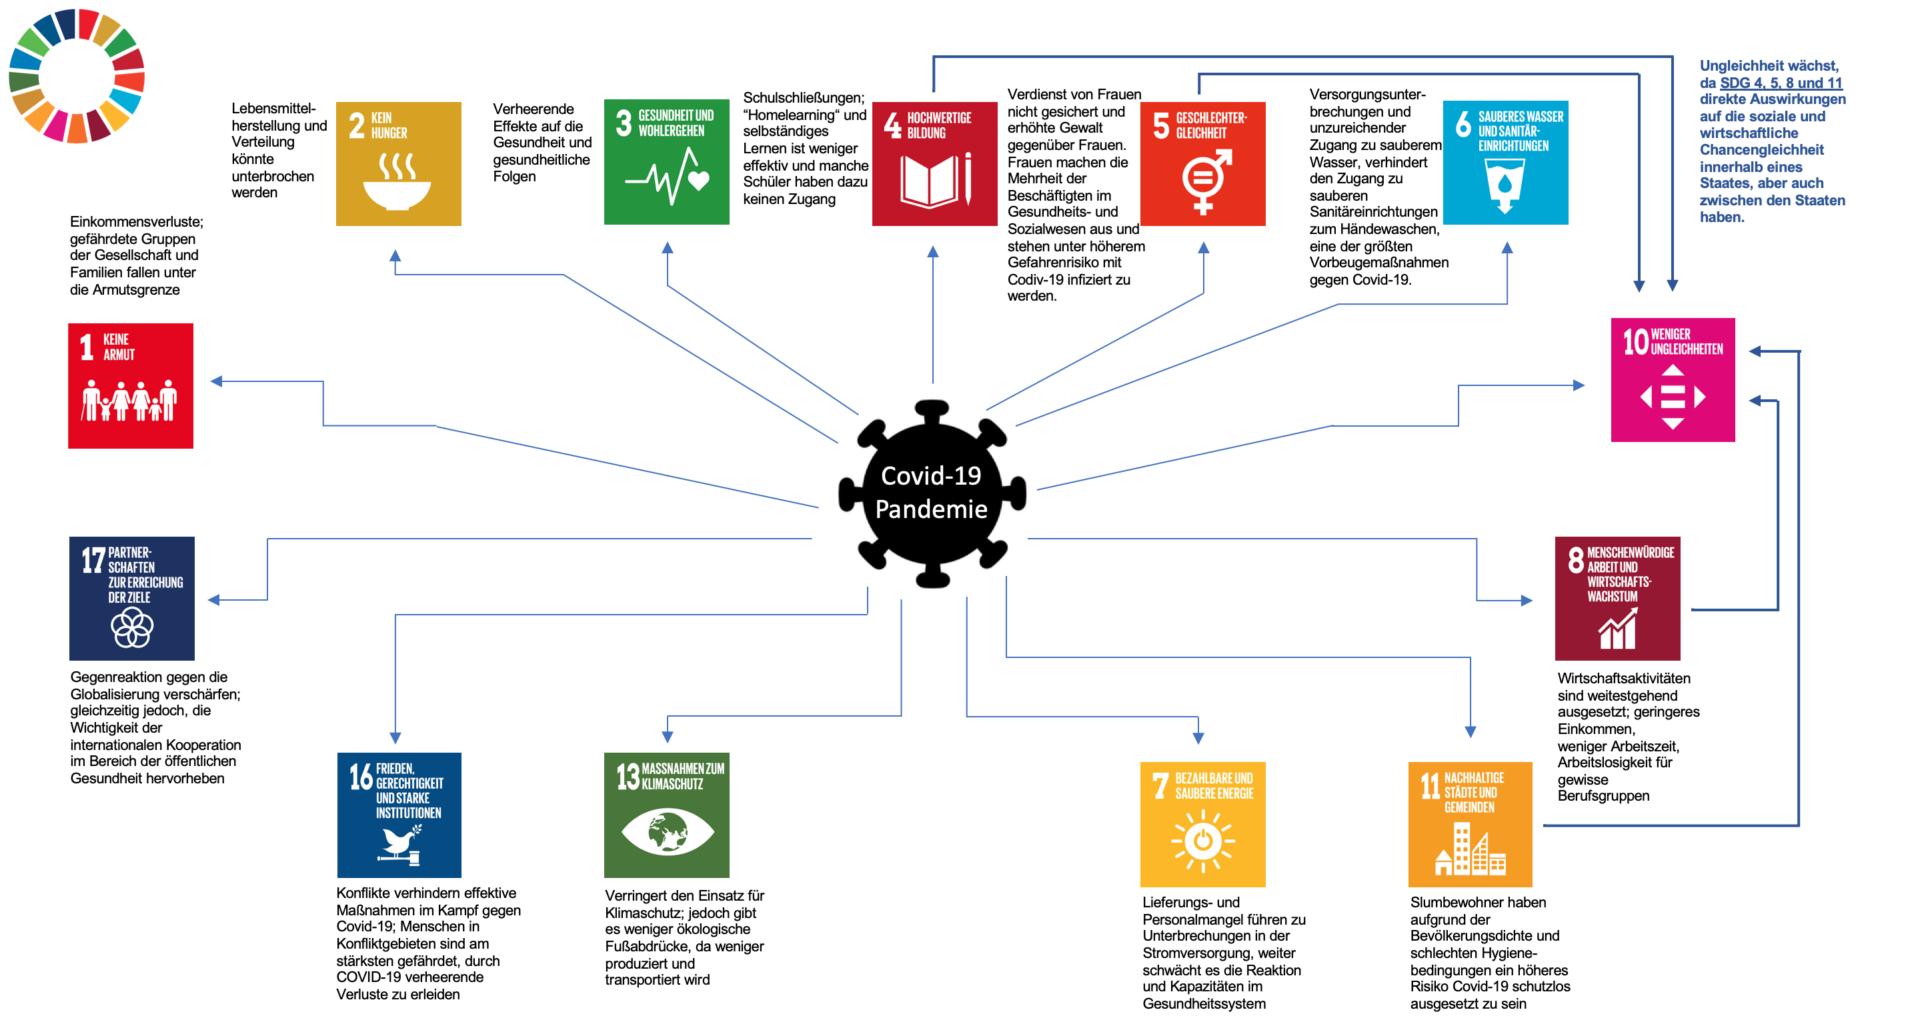 Hep Monatzeder_Themen_Nachhaltigkeit_Covid19_SDGs